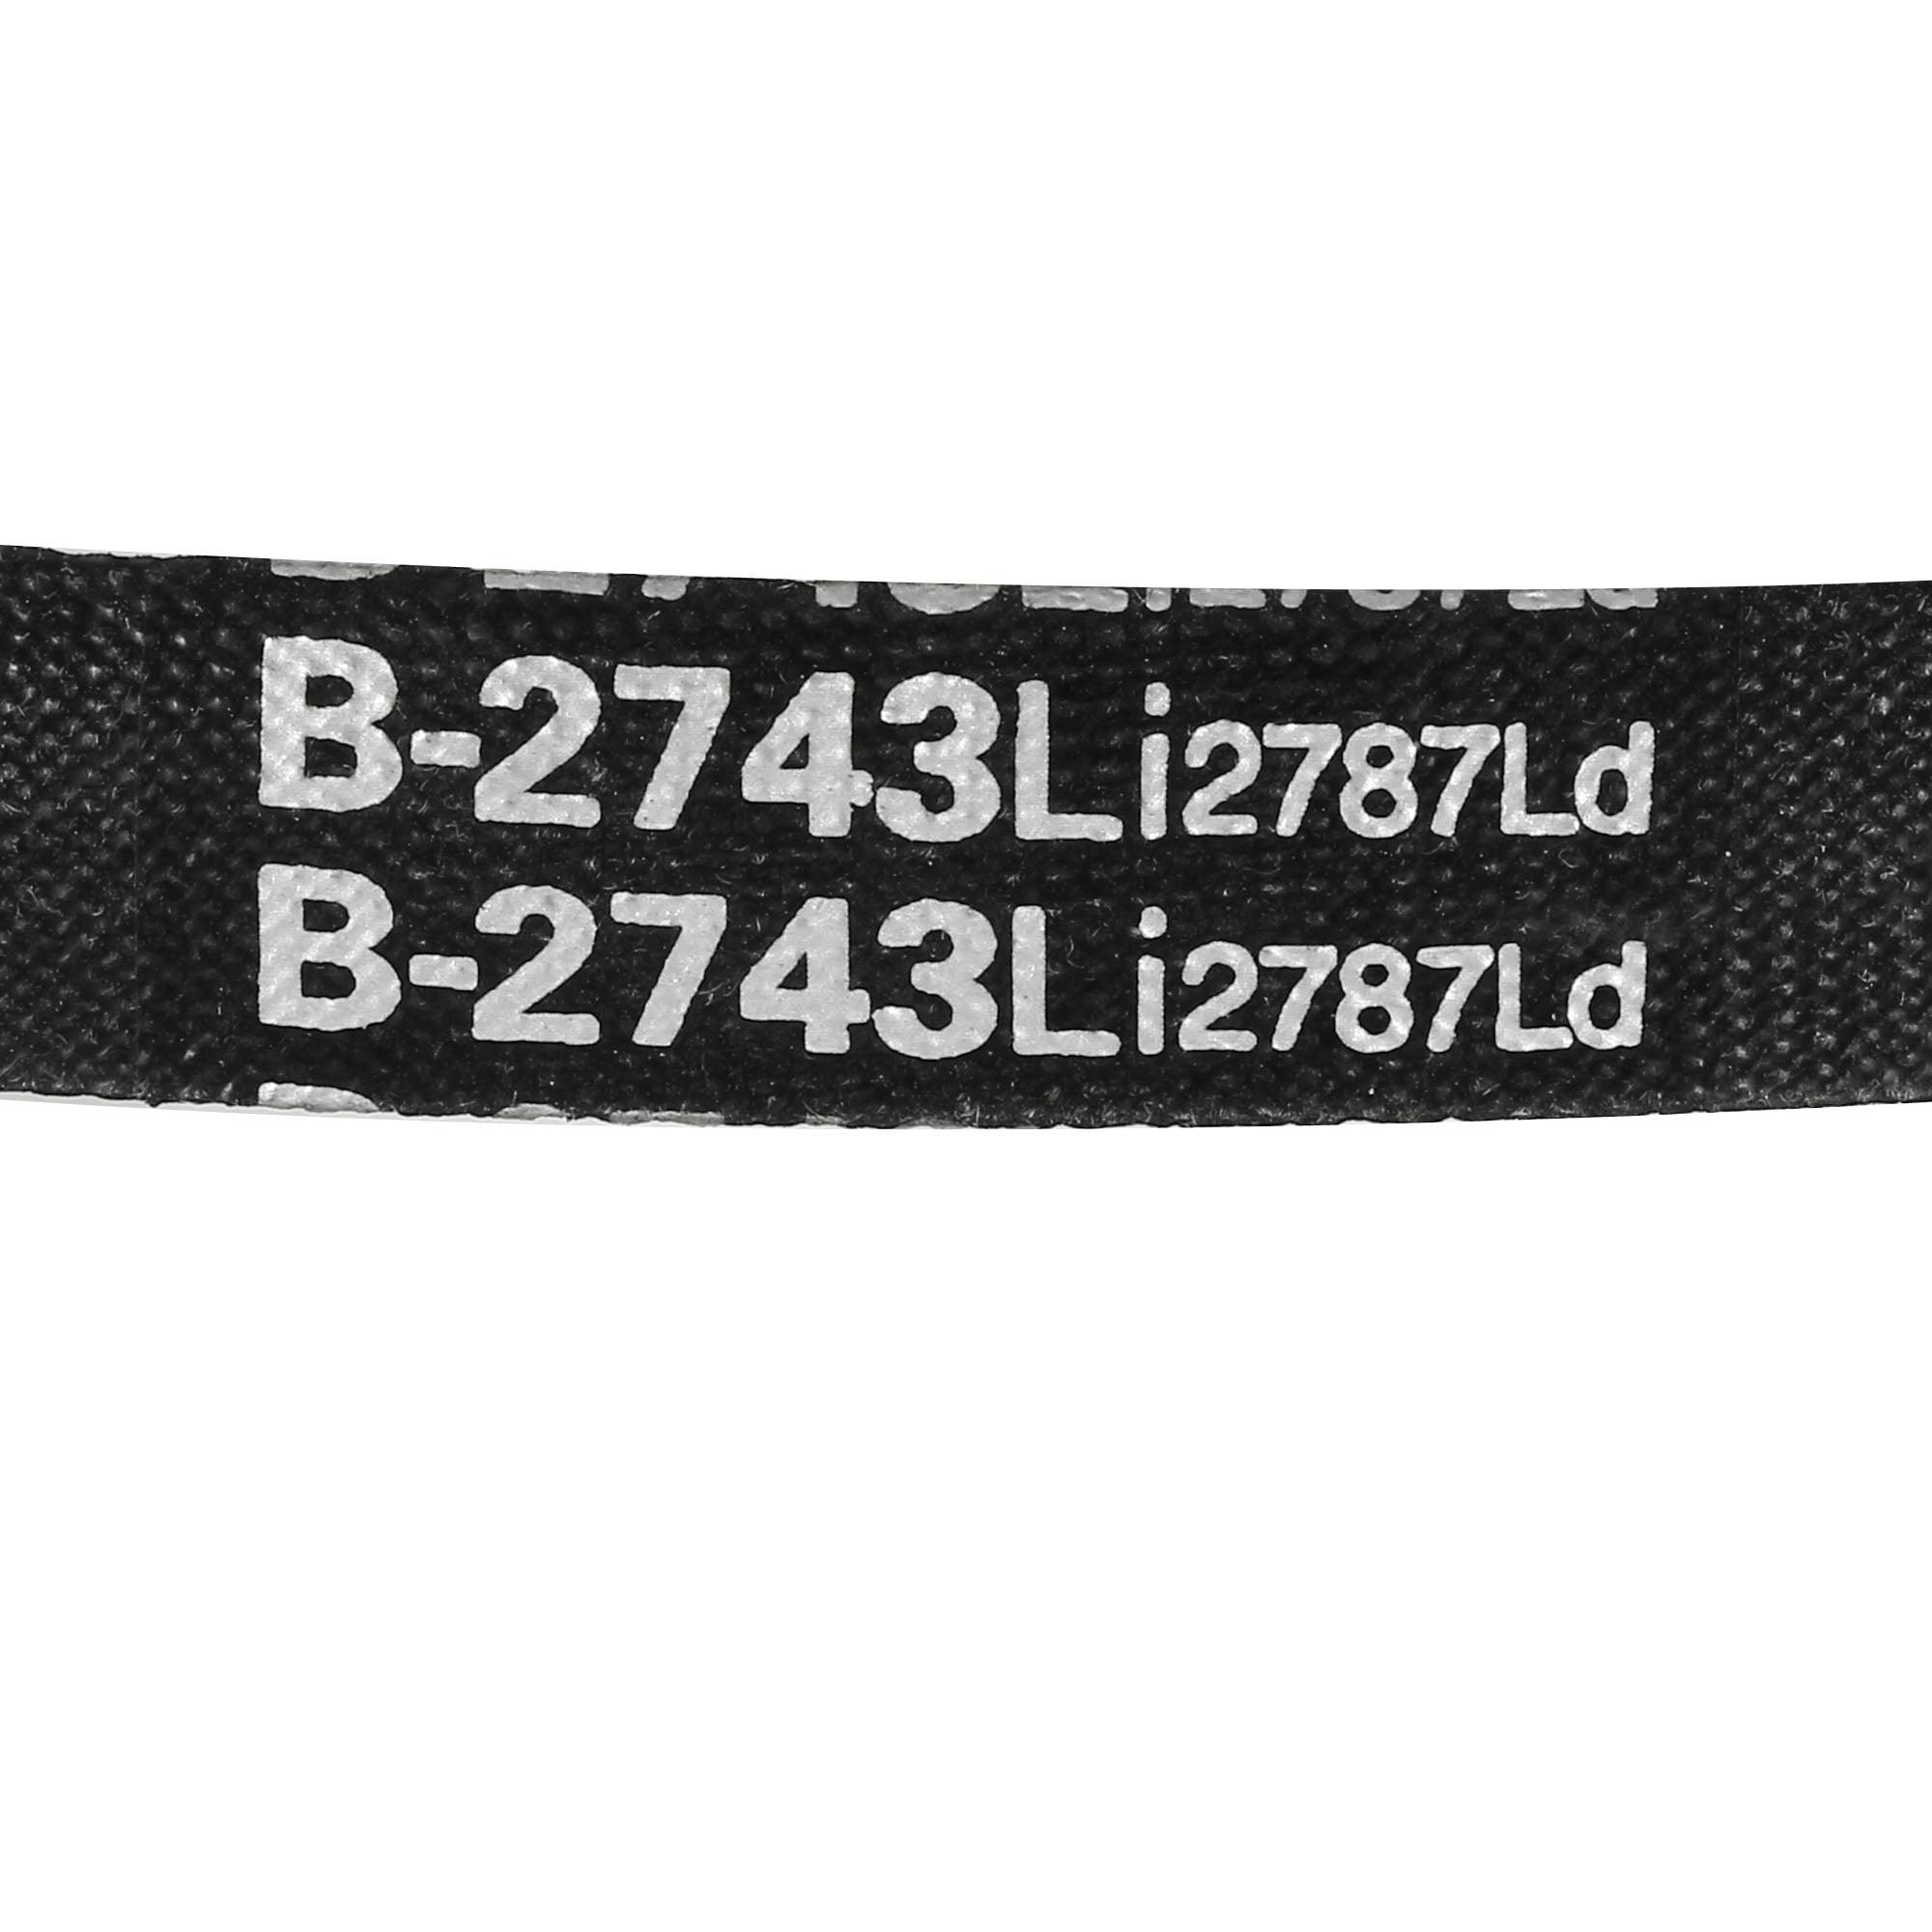 B-2743/B108 Drive V-Belt Inner Girth 108-inch Industrial Power Rubber Transmission Belt - image 1 de 4